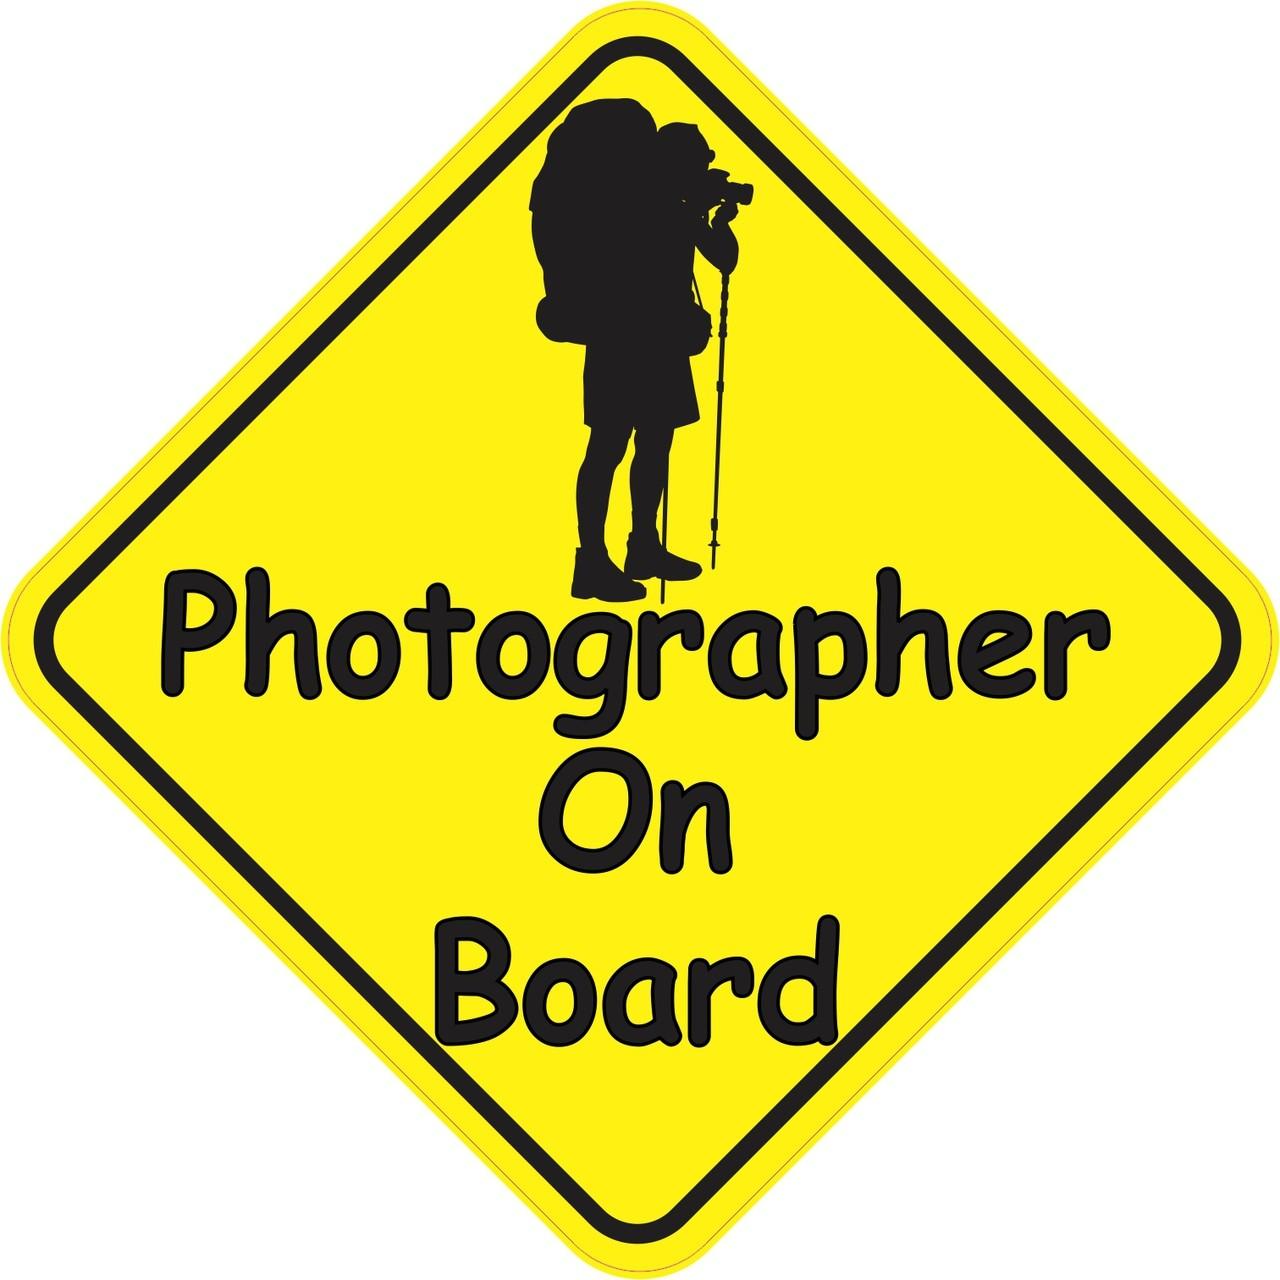 5in x 5in Photographer On Board Sticker | StickerTalk®